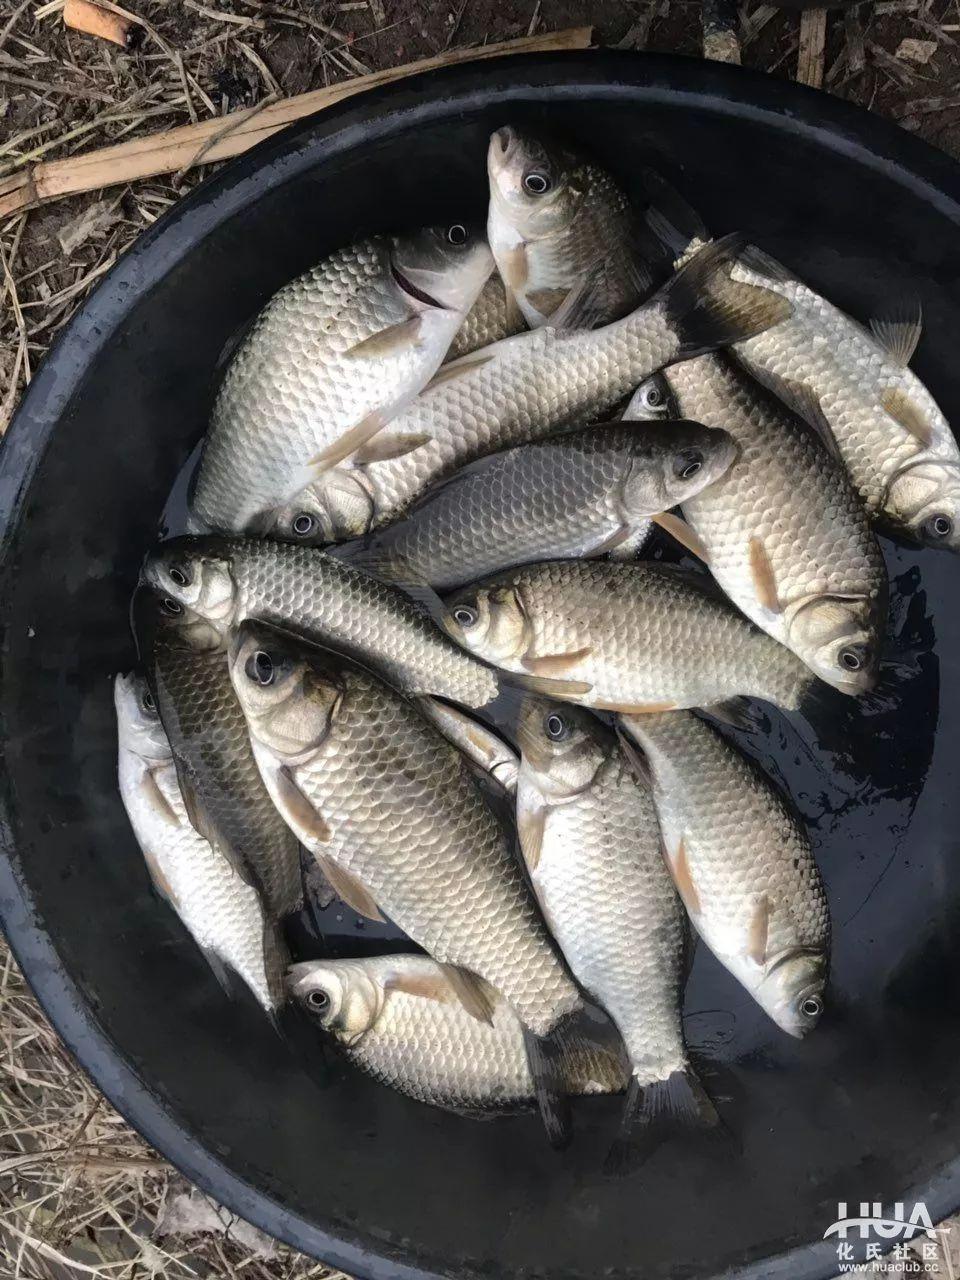 83秒扬竿4次钓上7条鱼,这鱼情够可以